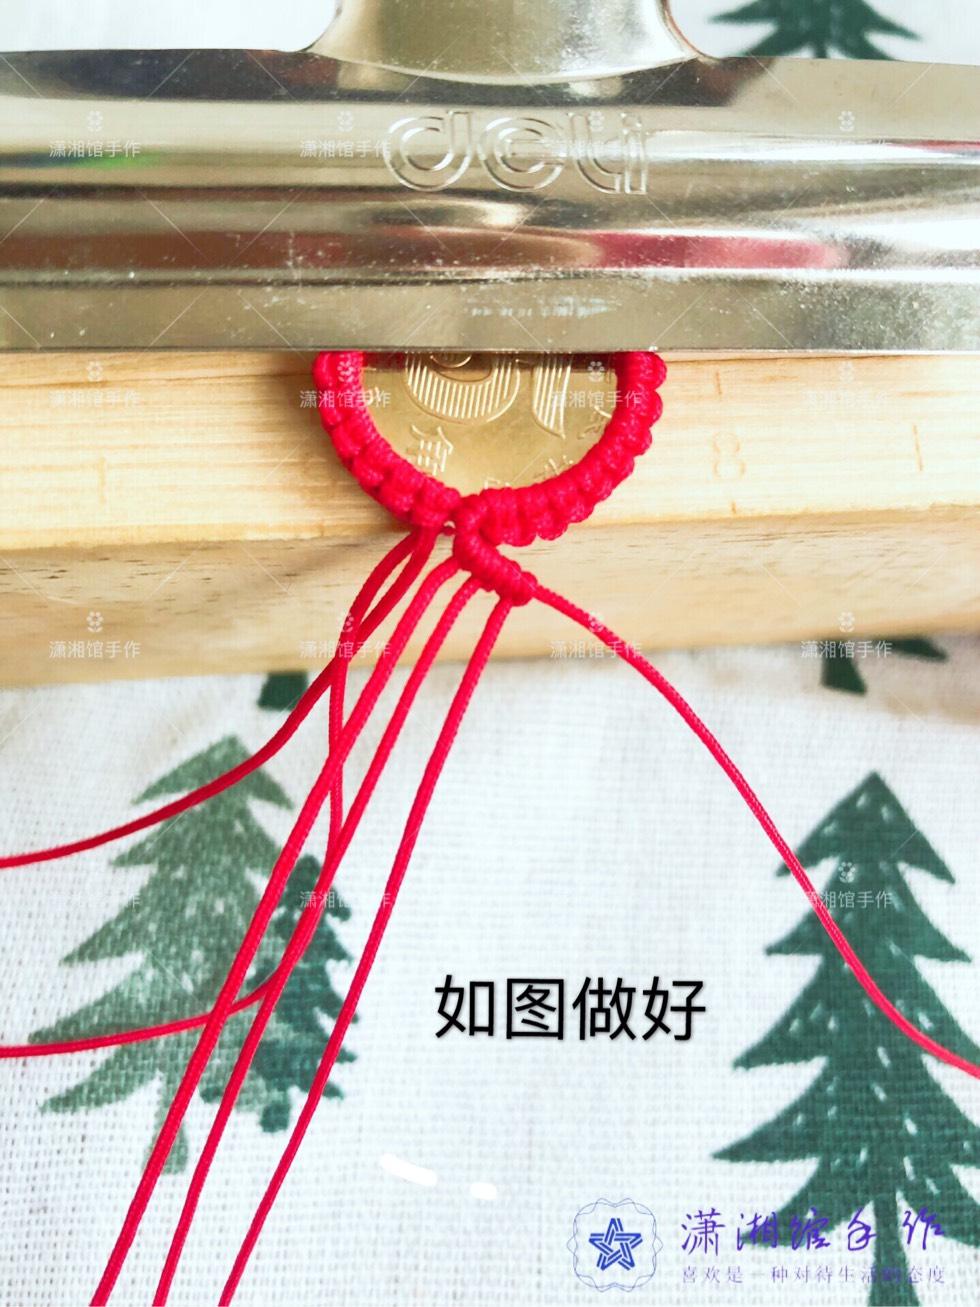 中国结论坛 硬币天使翅膀手链  图文教程区 162430zjfam0u9ijovowo8